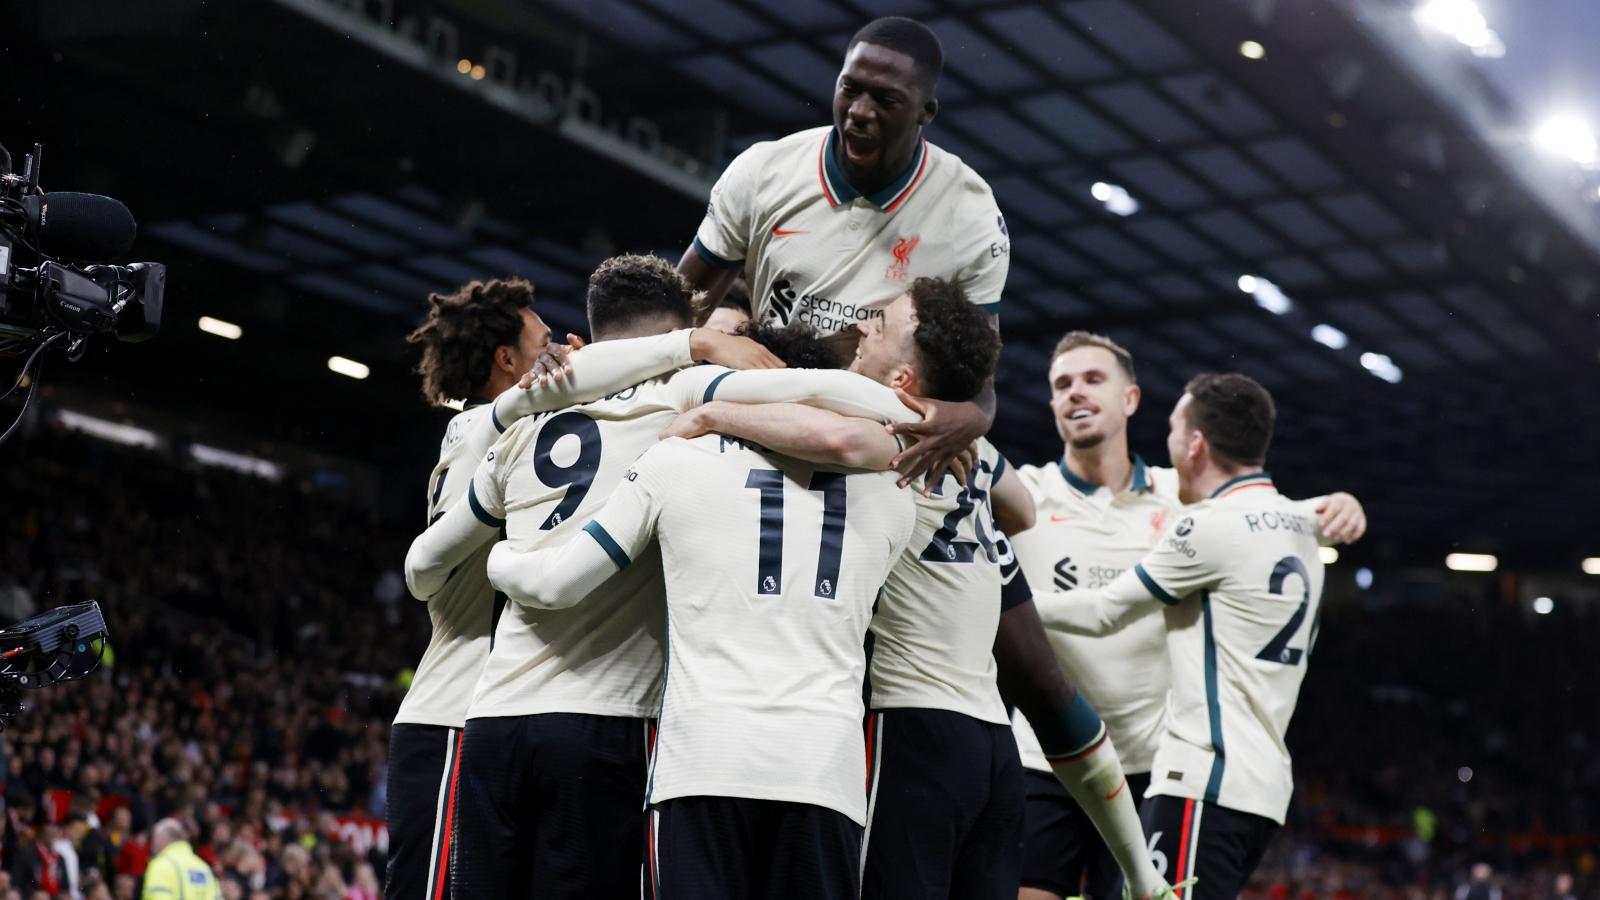 Salah lập hat-trick, Liverpool vùi dập MU 5 bàn không gỡ trong ngày Pogba nhận thẻ đỏ